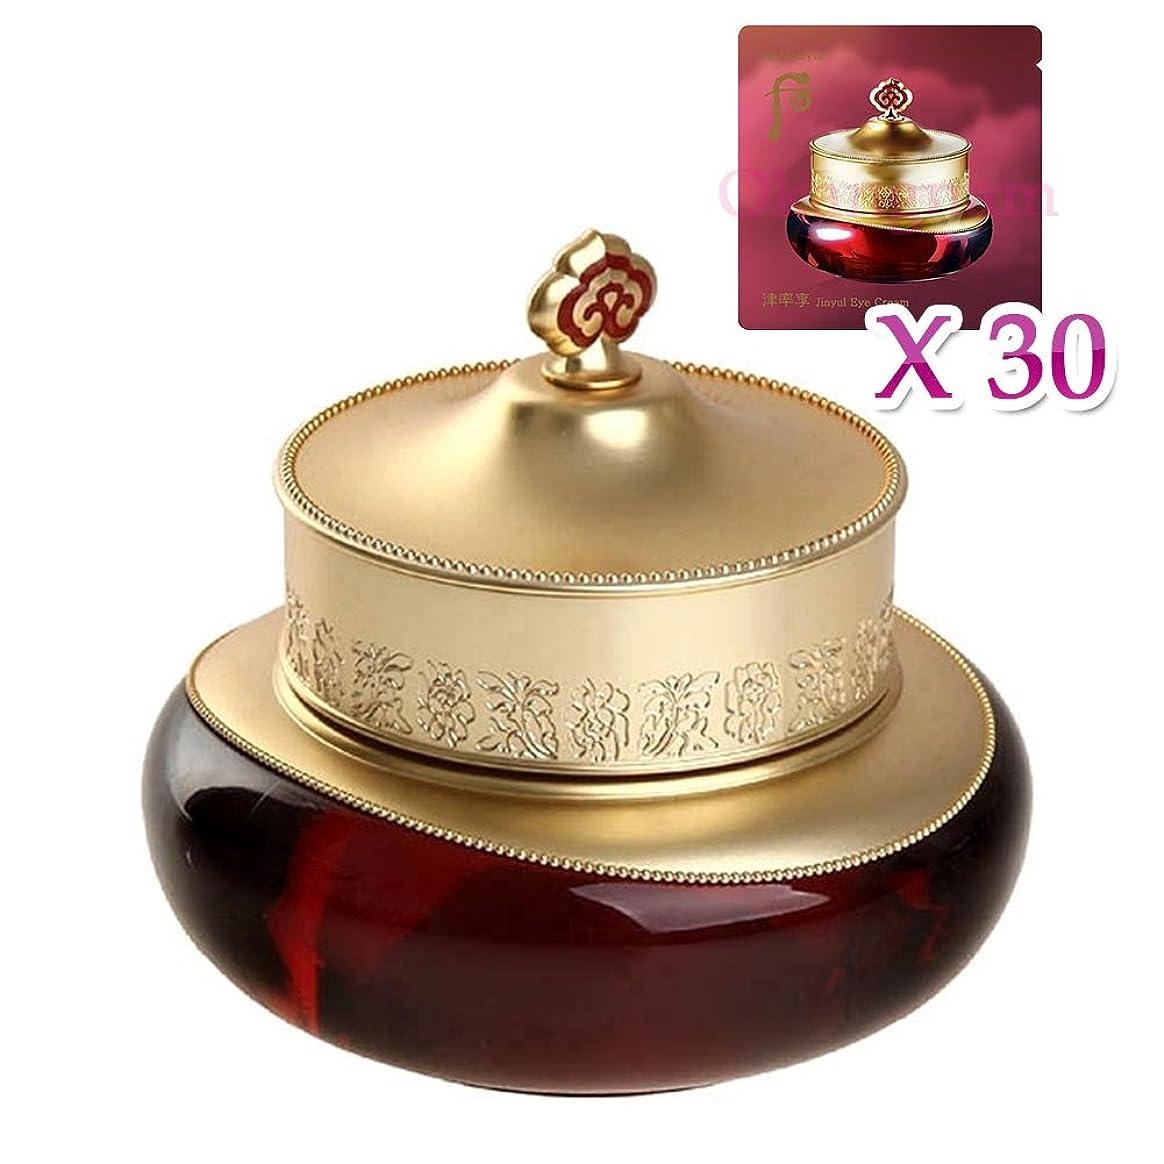 困惑する誘う手荷物【フー/ The history of whoo] Whoo 后 GYH05 Jinyul Cream / 后(フー)ゴンジンヒャン 津率(ジンユル)クリーム50ml + [Sample Gift](海外直送品)